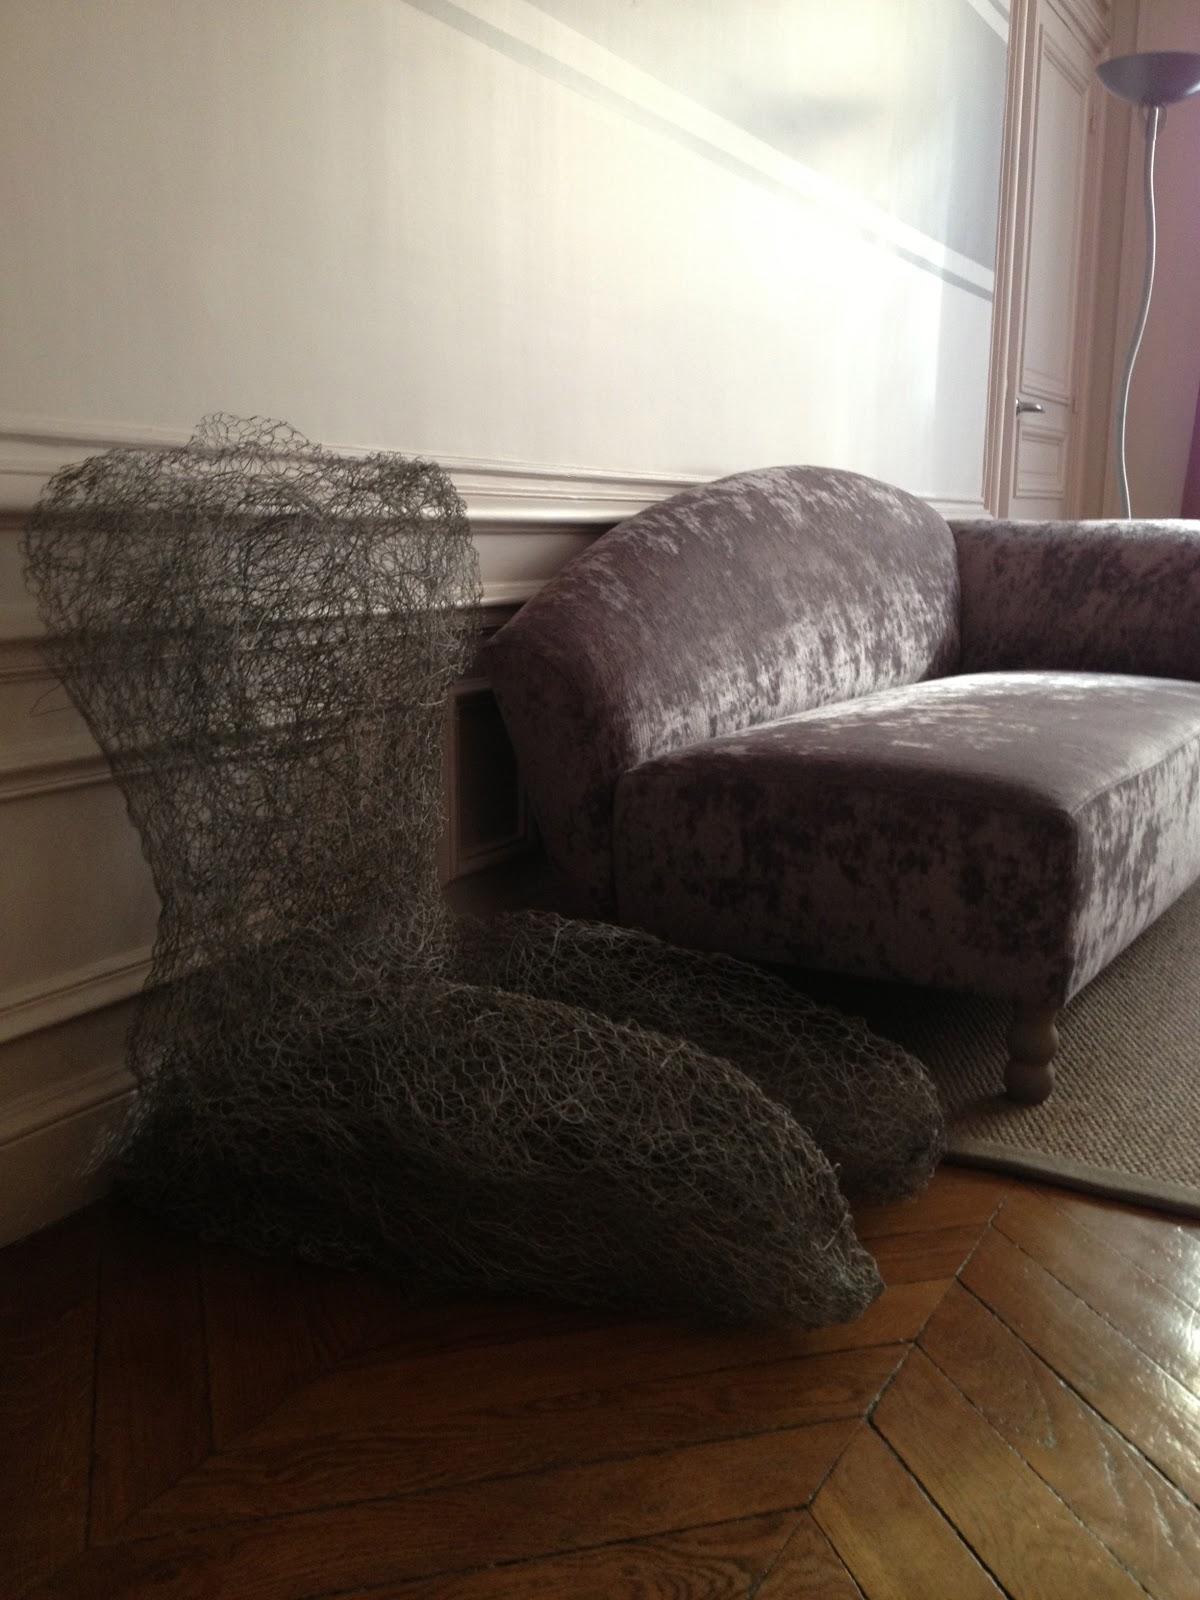 couleur parme et gris subtil maison d 39 avril devient mati re 555. Black Bedroom Furniture Sets. Home Design Ideas